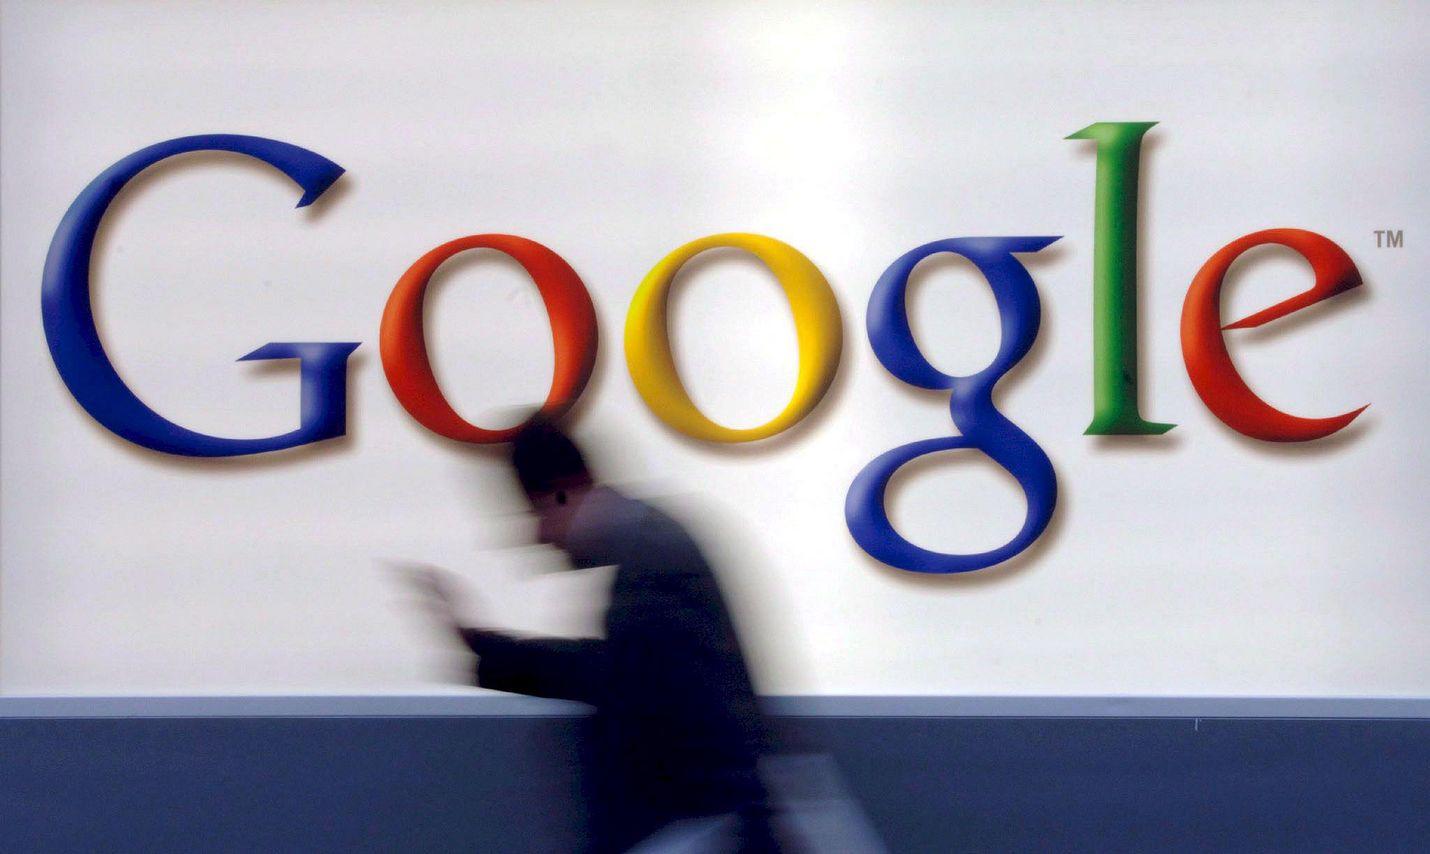 Google poisti Tiktokin valikoimastaan Intiassa, mutta sanoi ettei ota kantaa yksittäisiin sovelluksiin.